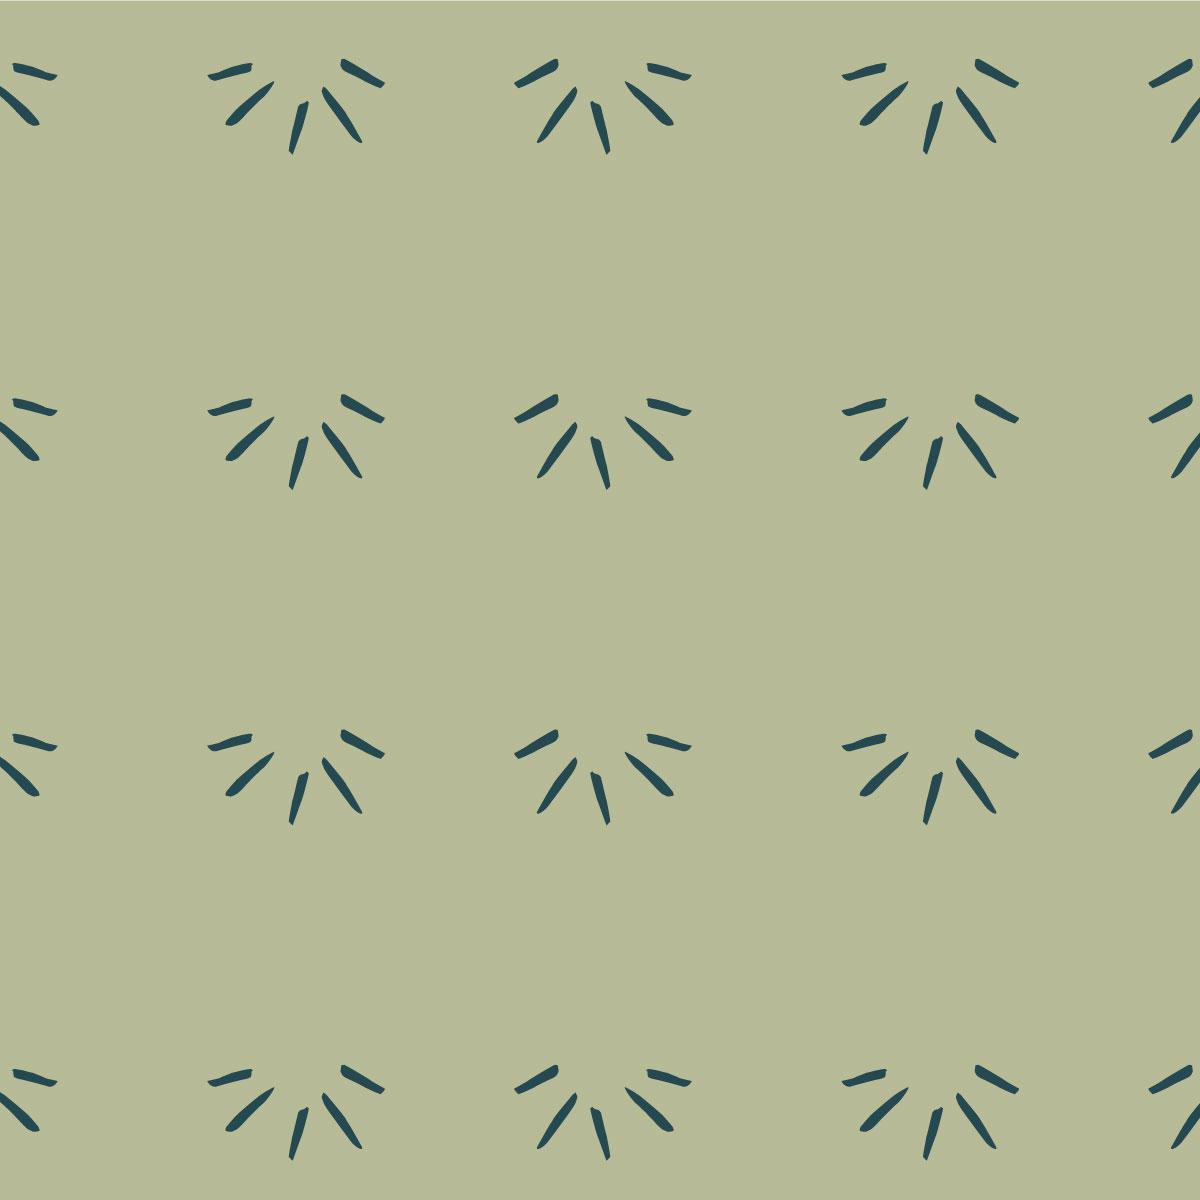 Wink Pattern.jpg